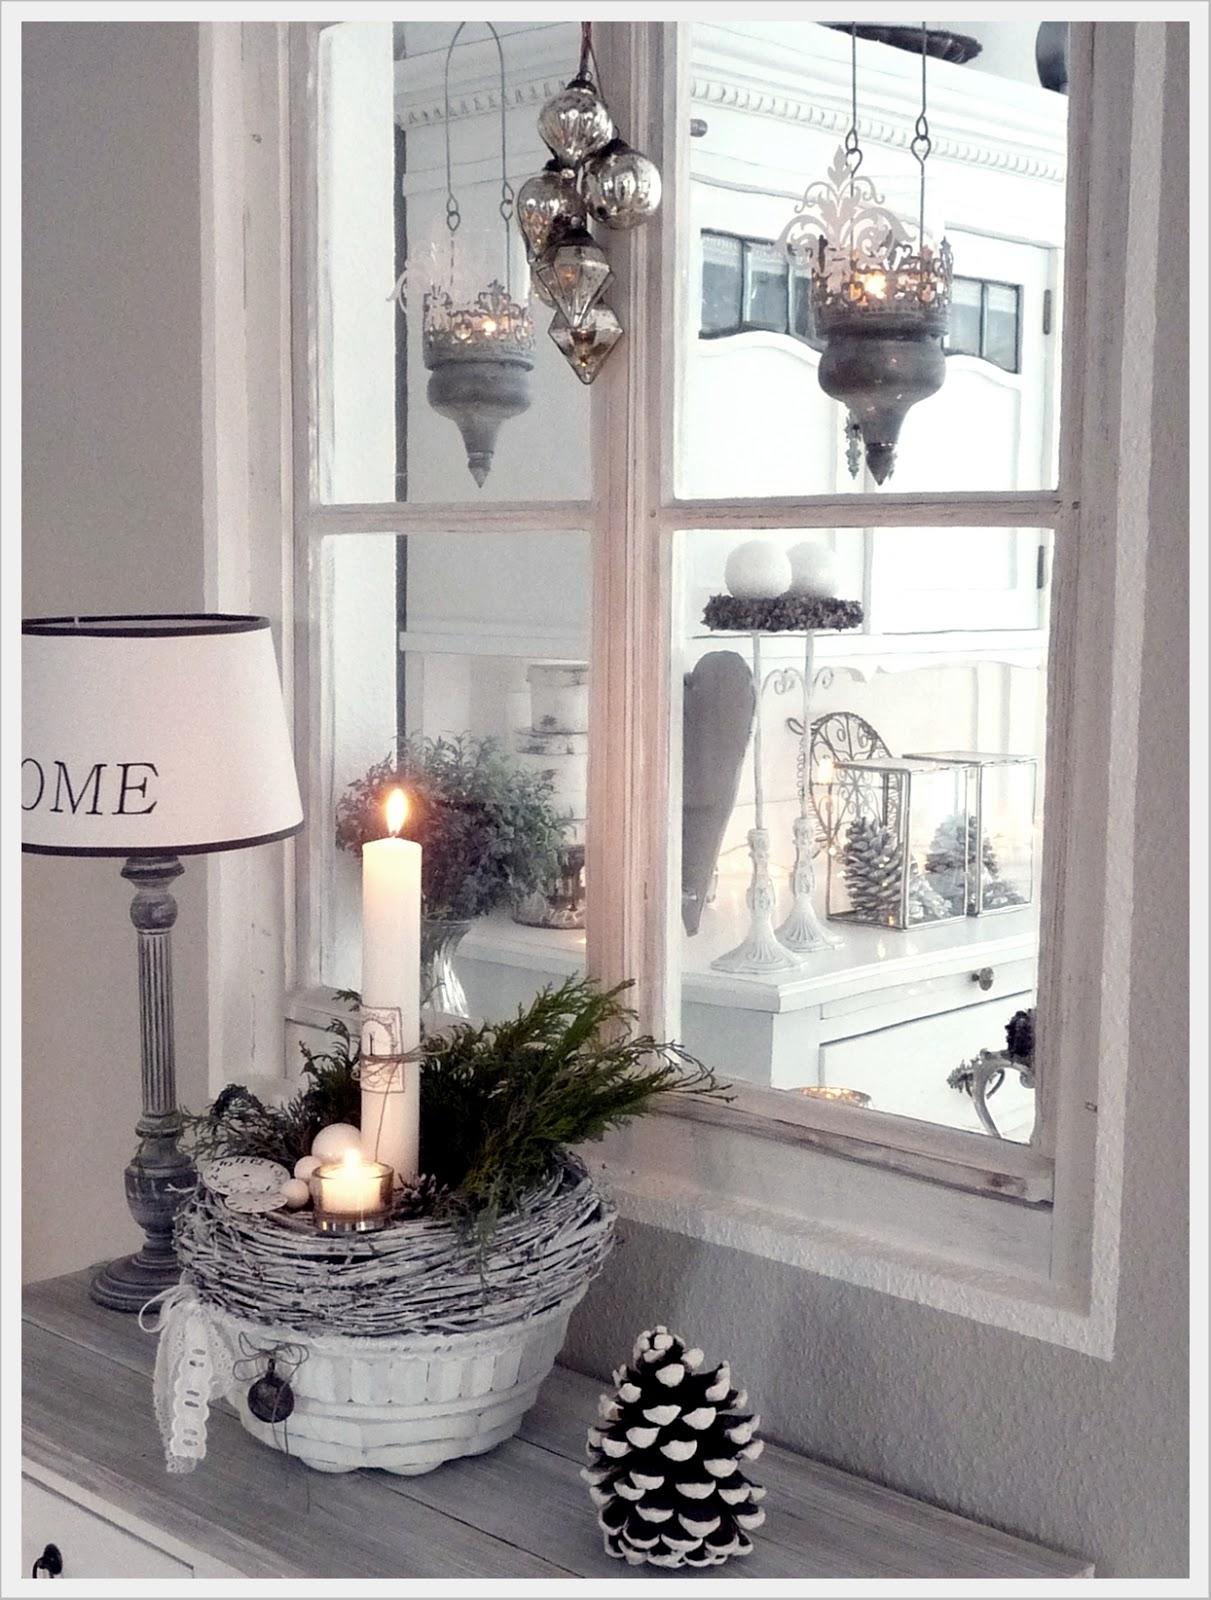 Homely tw o tannebaum - Weihnachtsdekoration modern ...